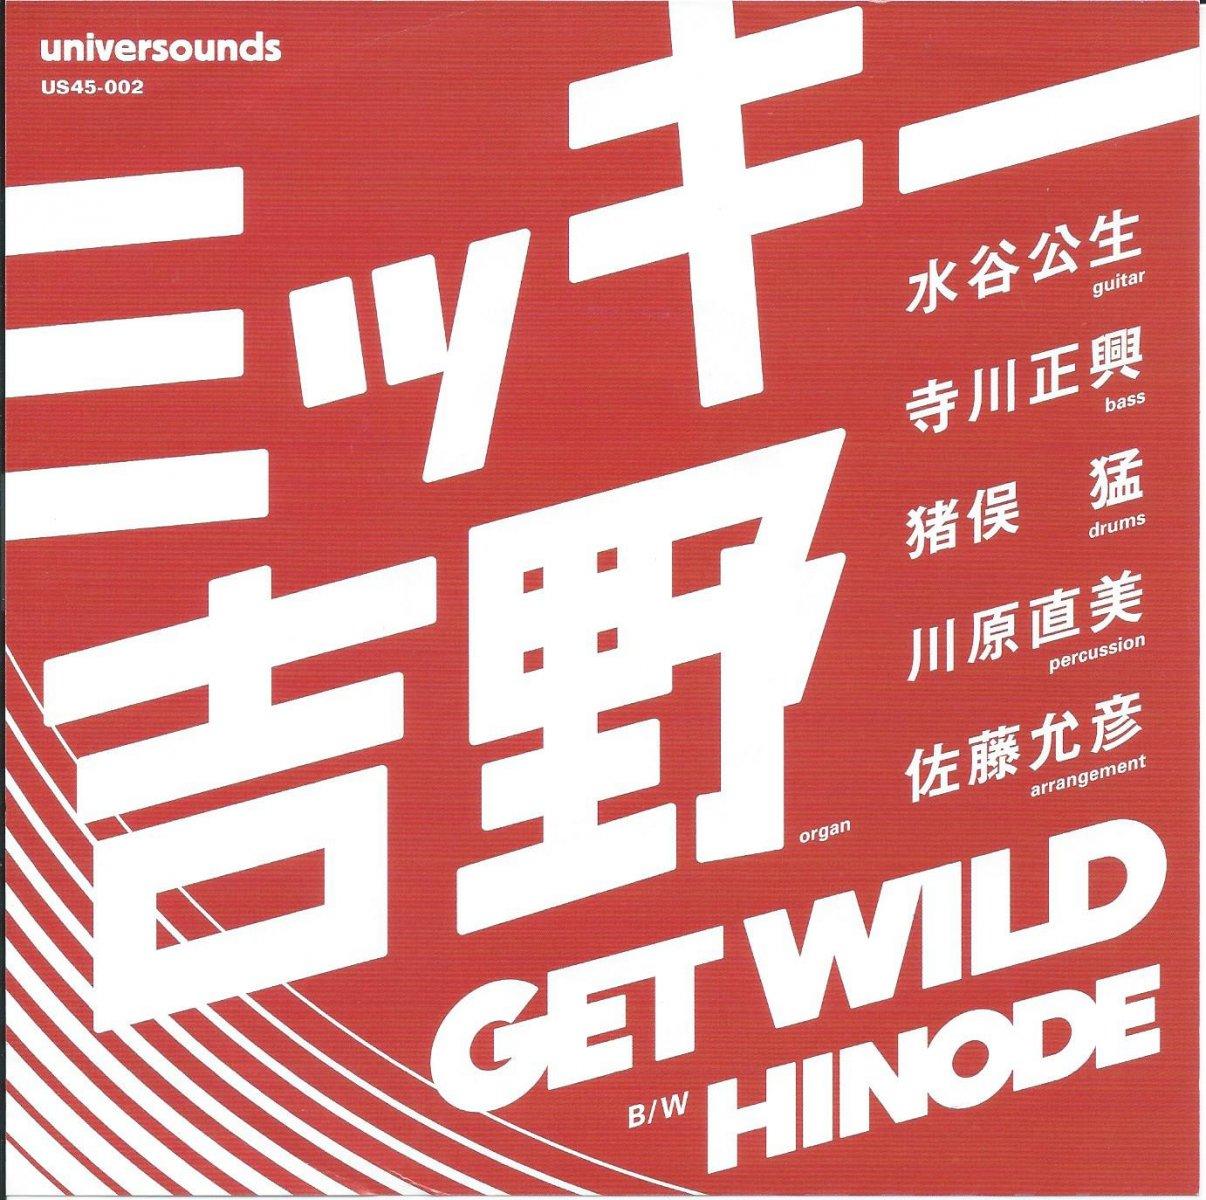 ミッキー吉野 MICKIE YOSHINO (猪俣猛 / TAKESHI INOMATA) / GET WILD / HINODE (7